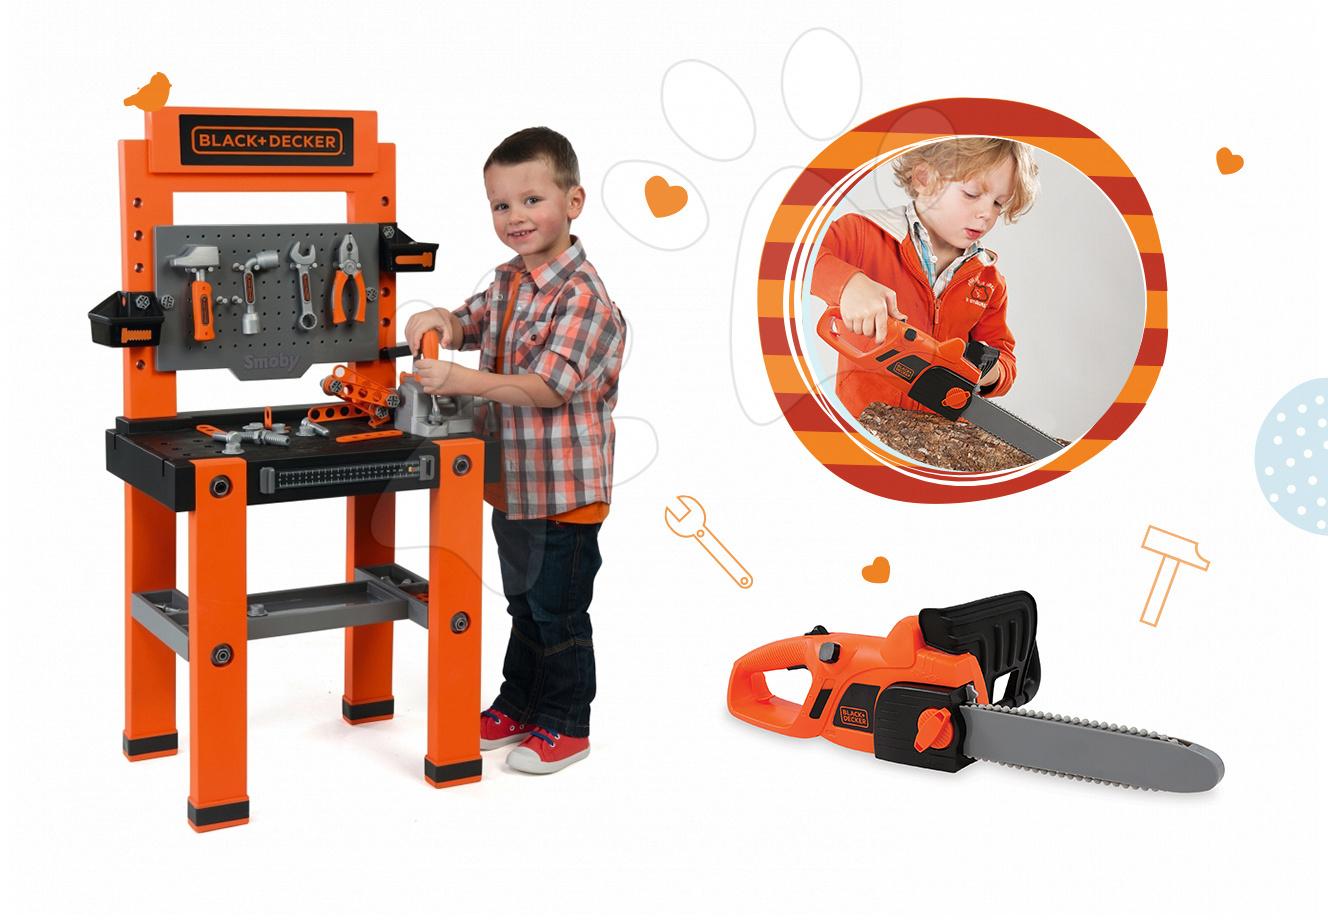 Smoby pracovná dielňa pre deti Black+Decker a píla 360700-4